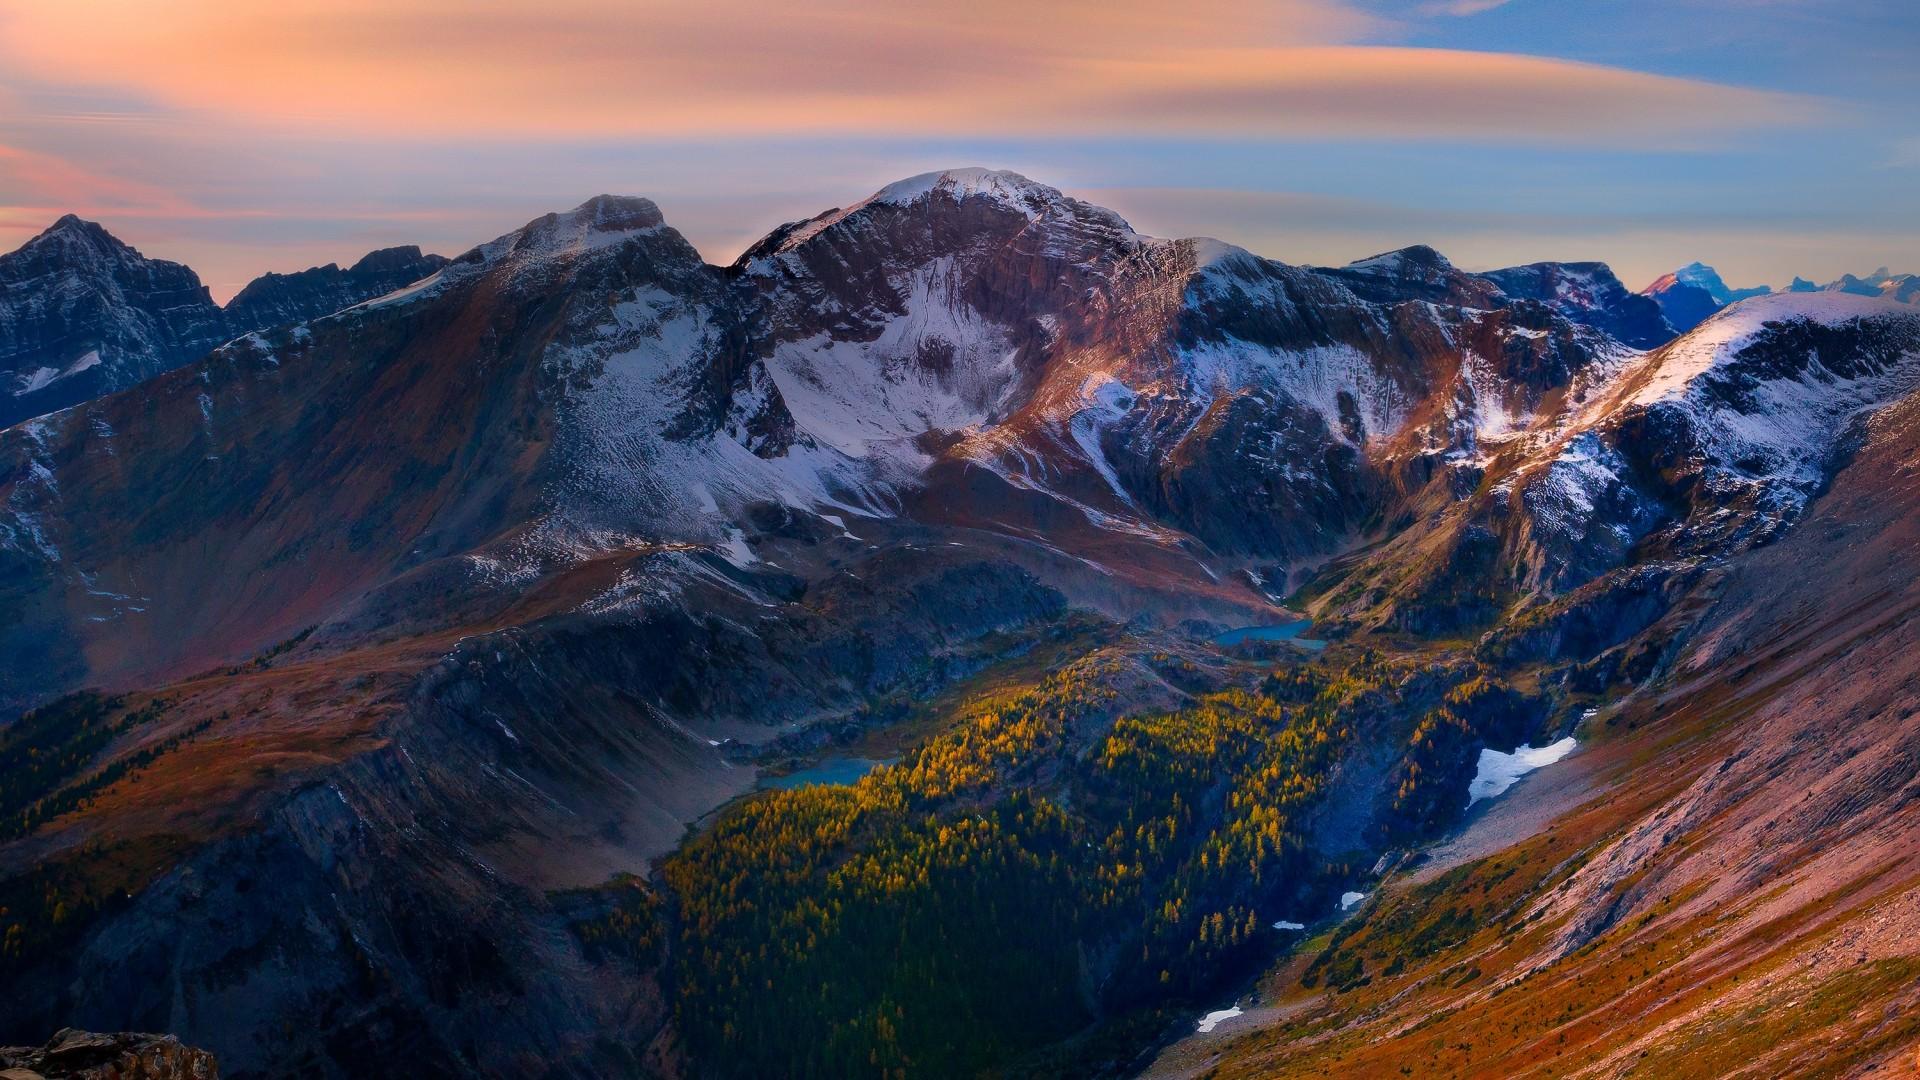 Wallpaper mountain, peaks, sky, beautiful scenery